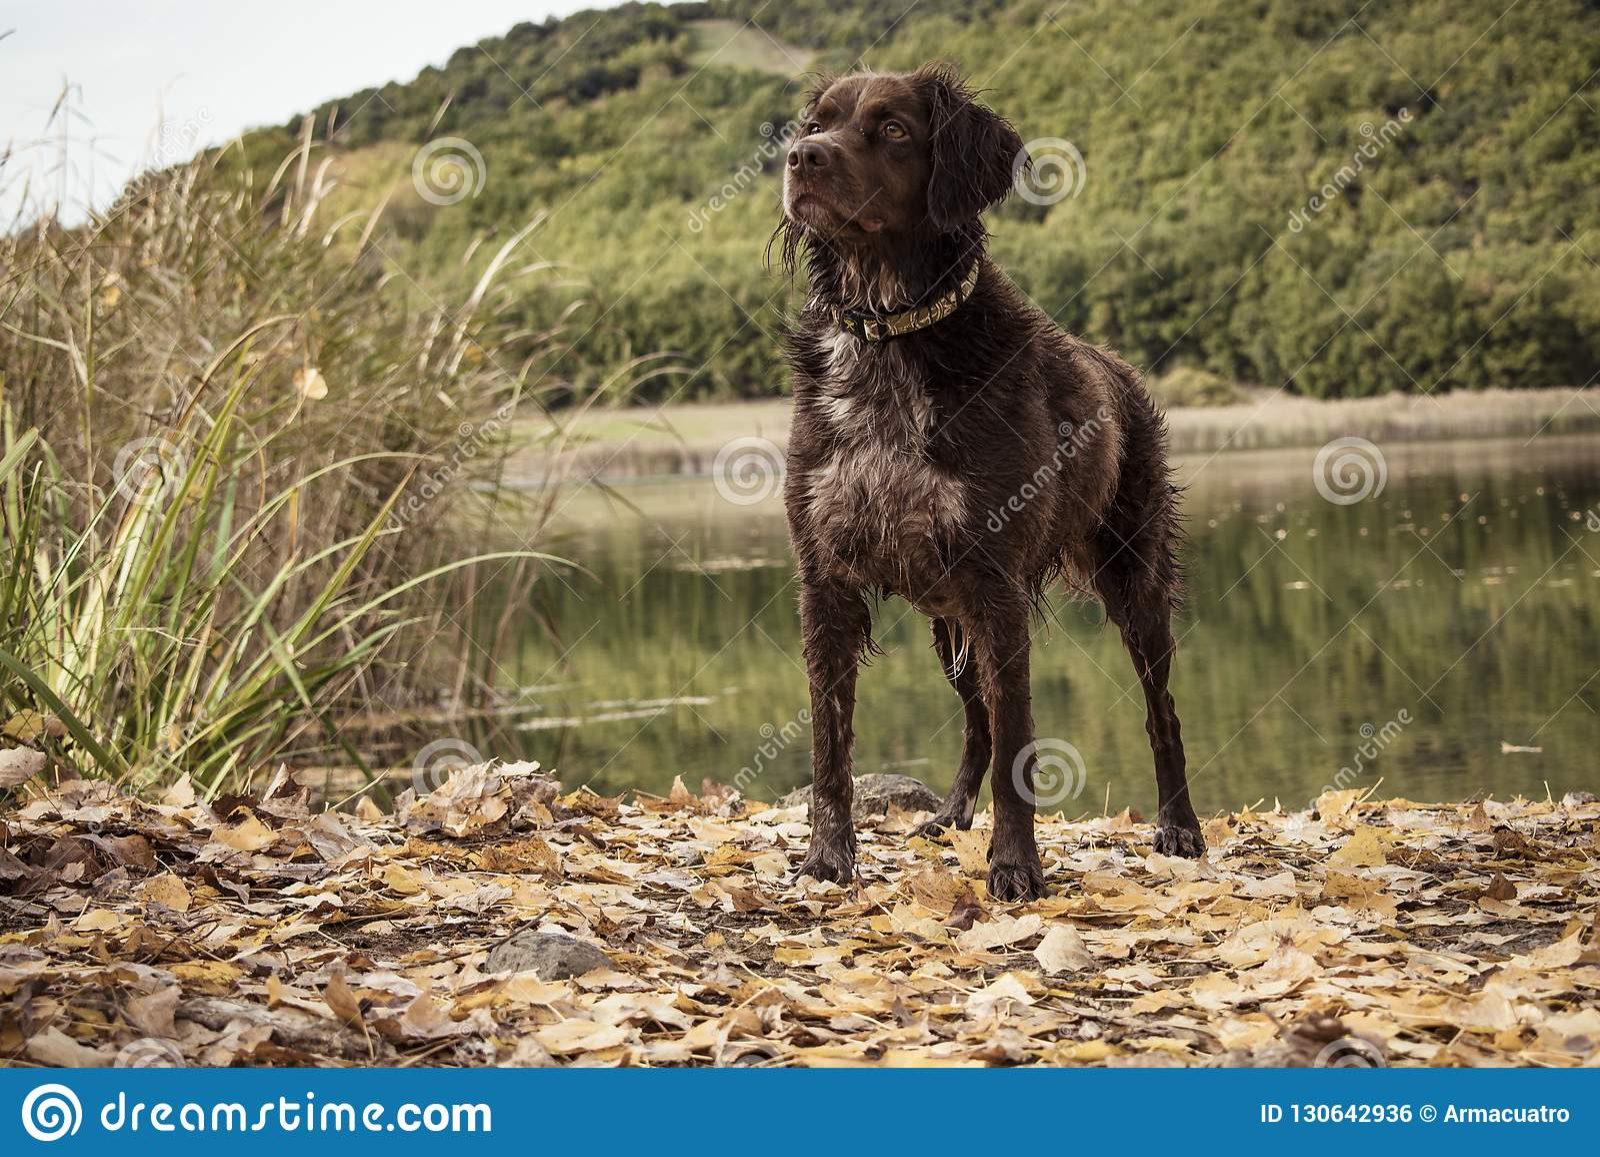 Breton hunting dog